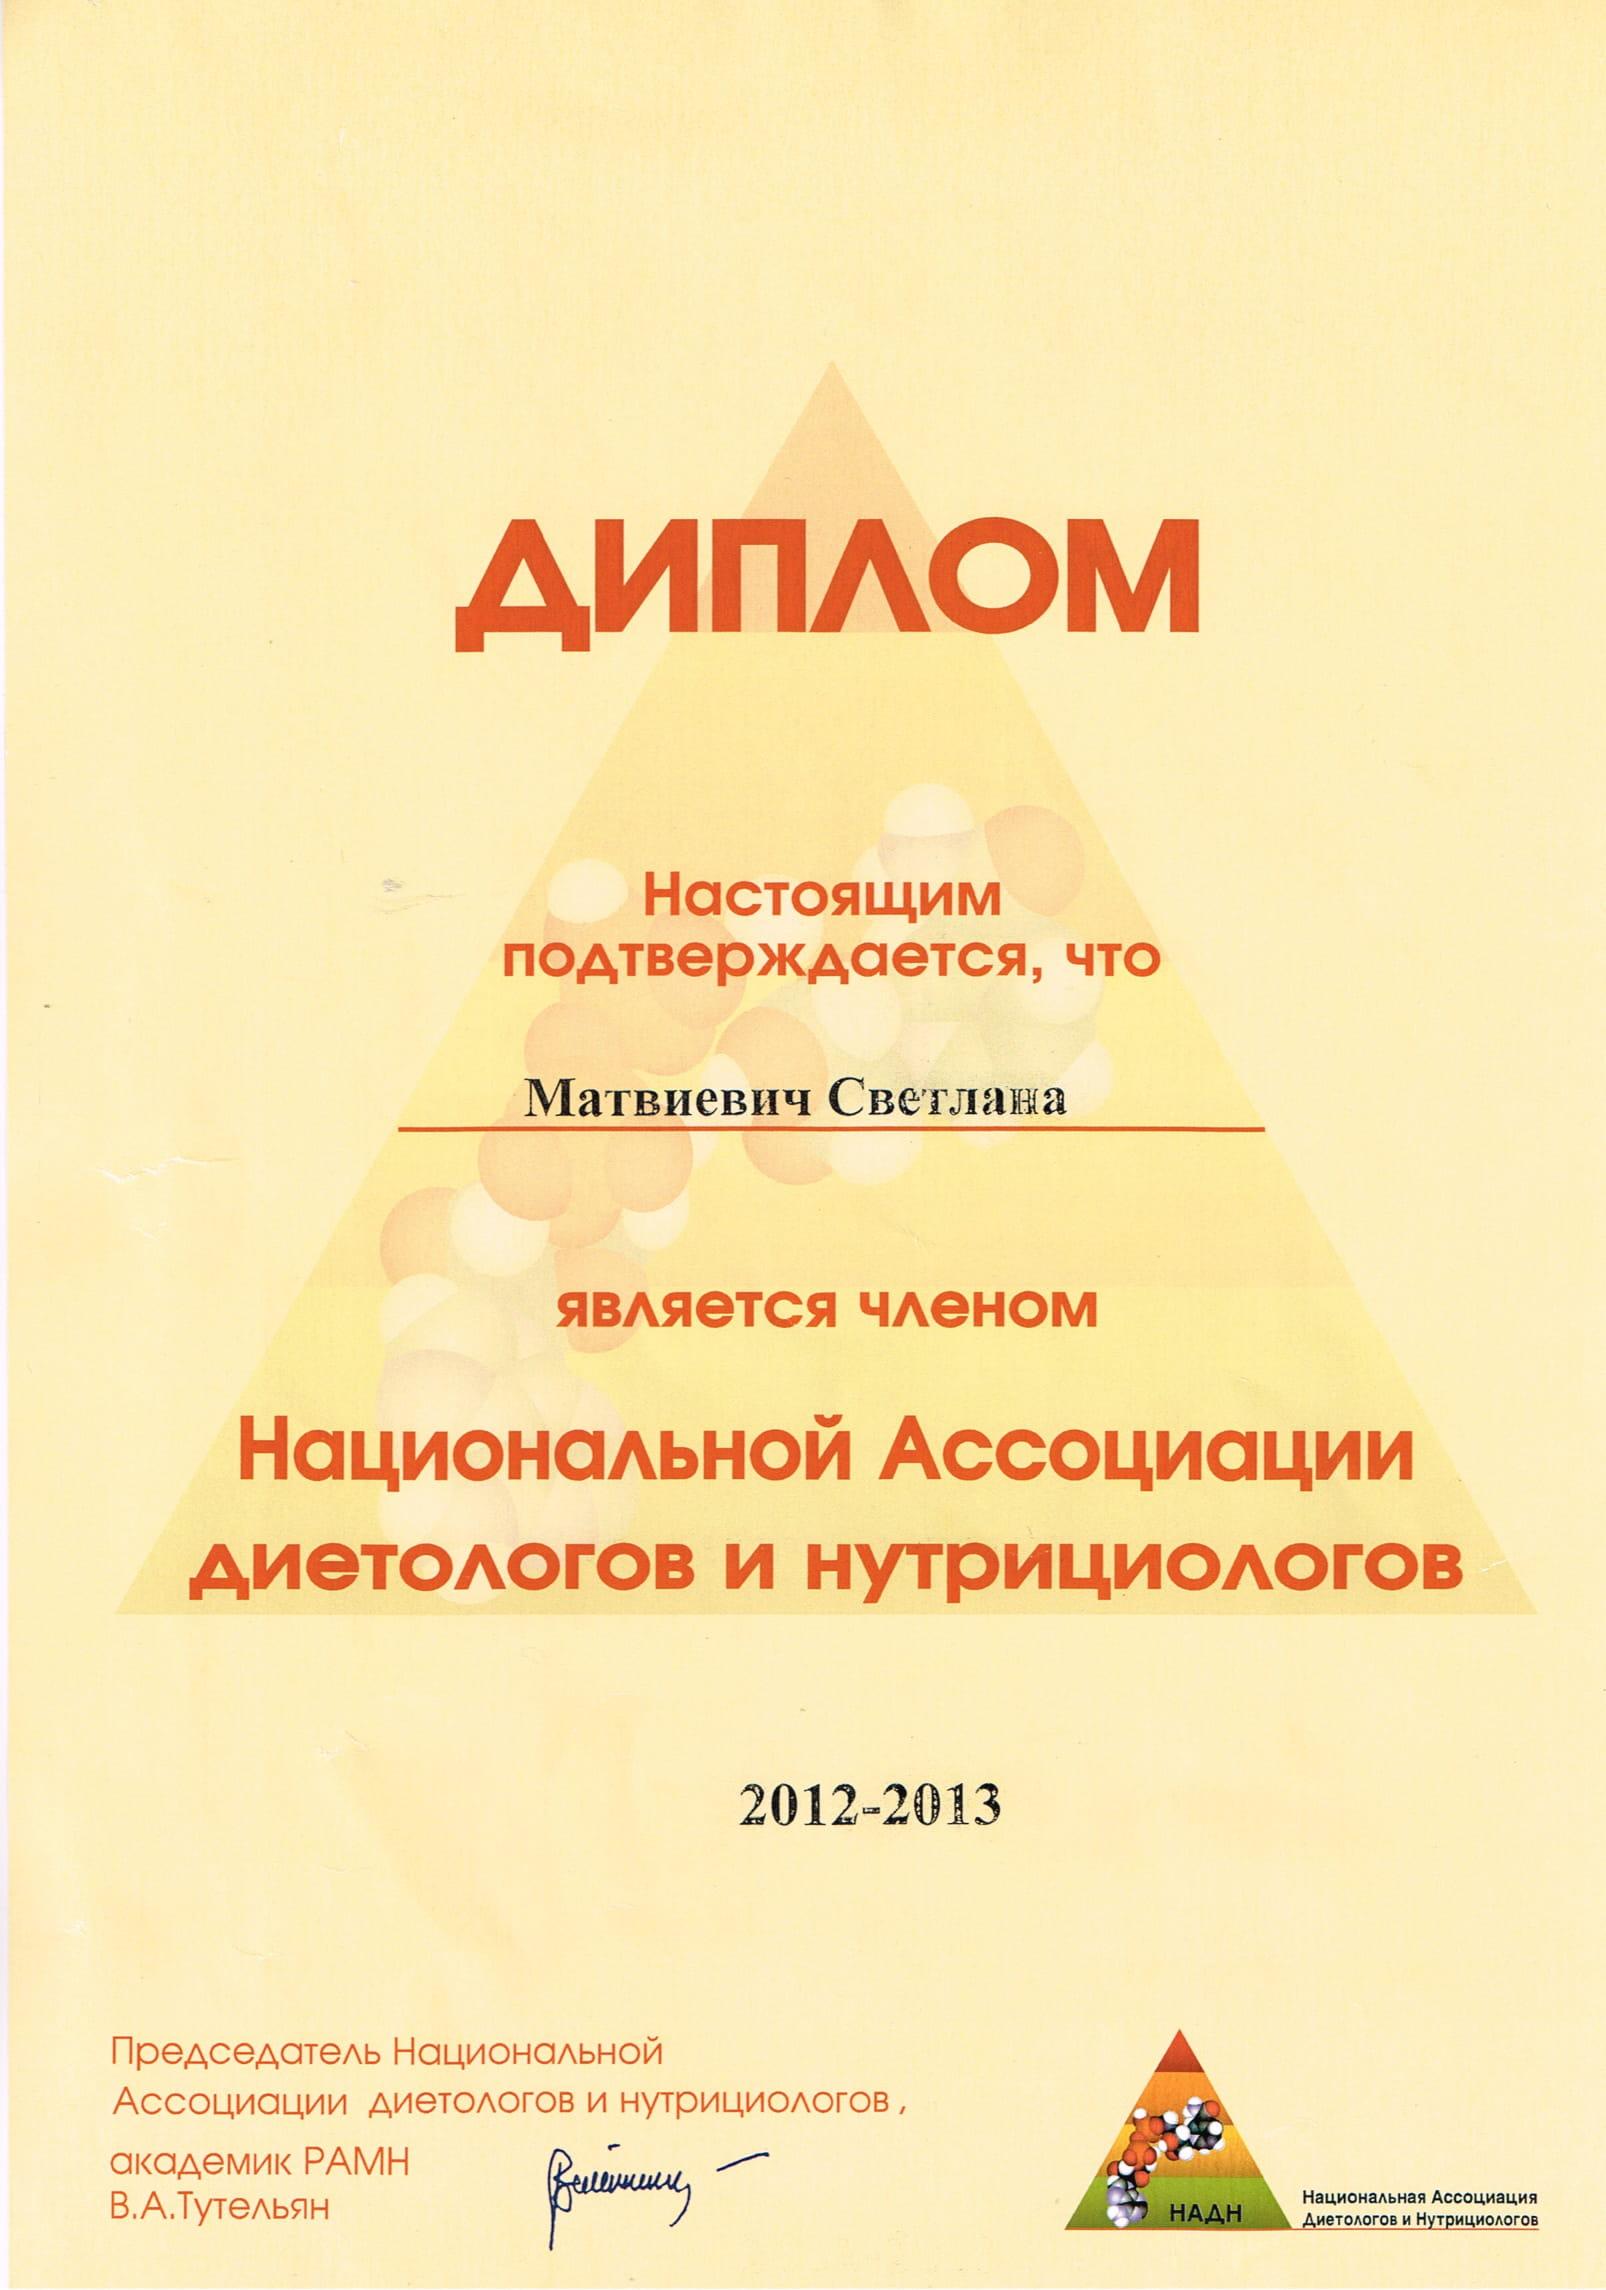 Diploma NADN Russia 2012